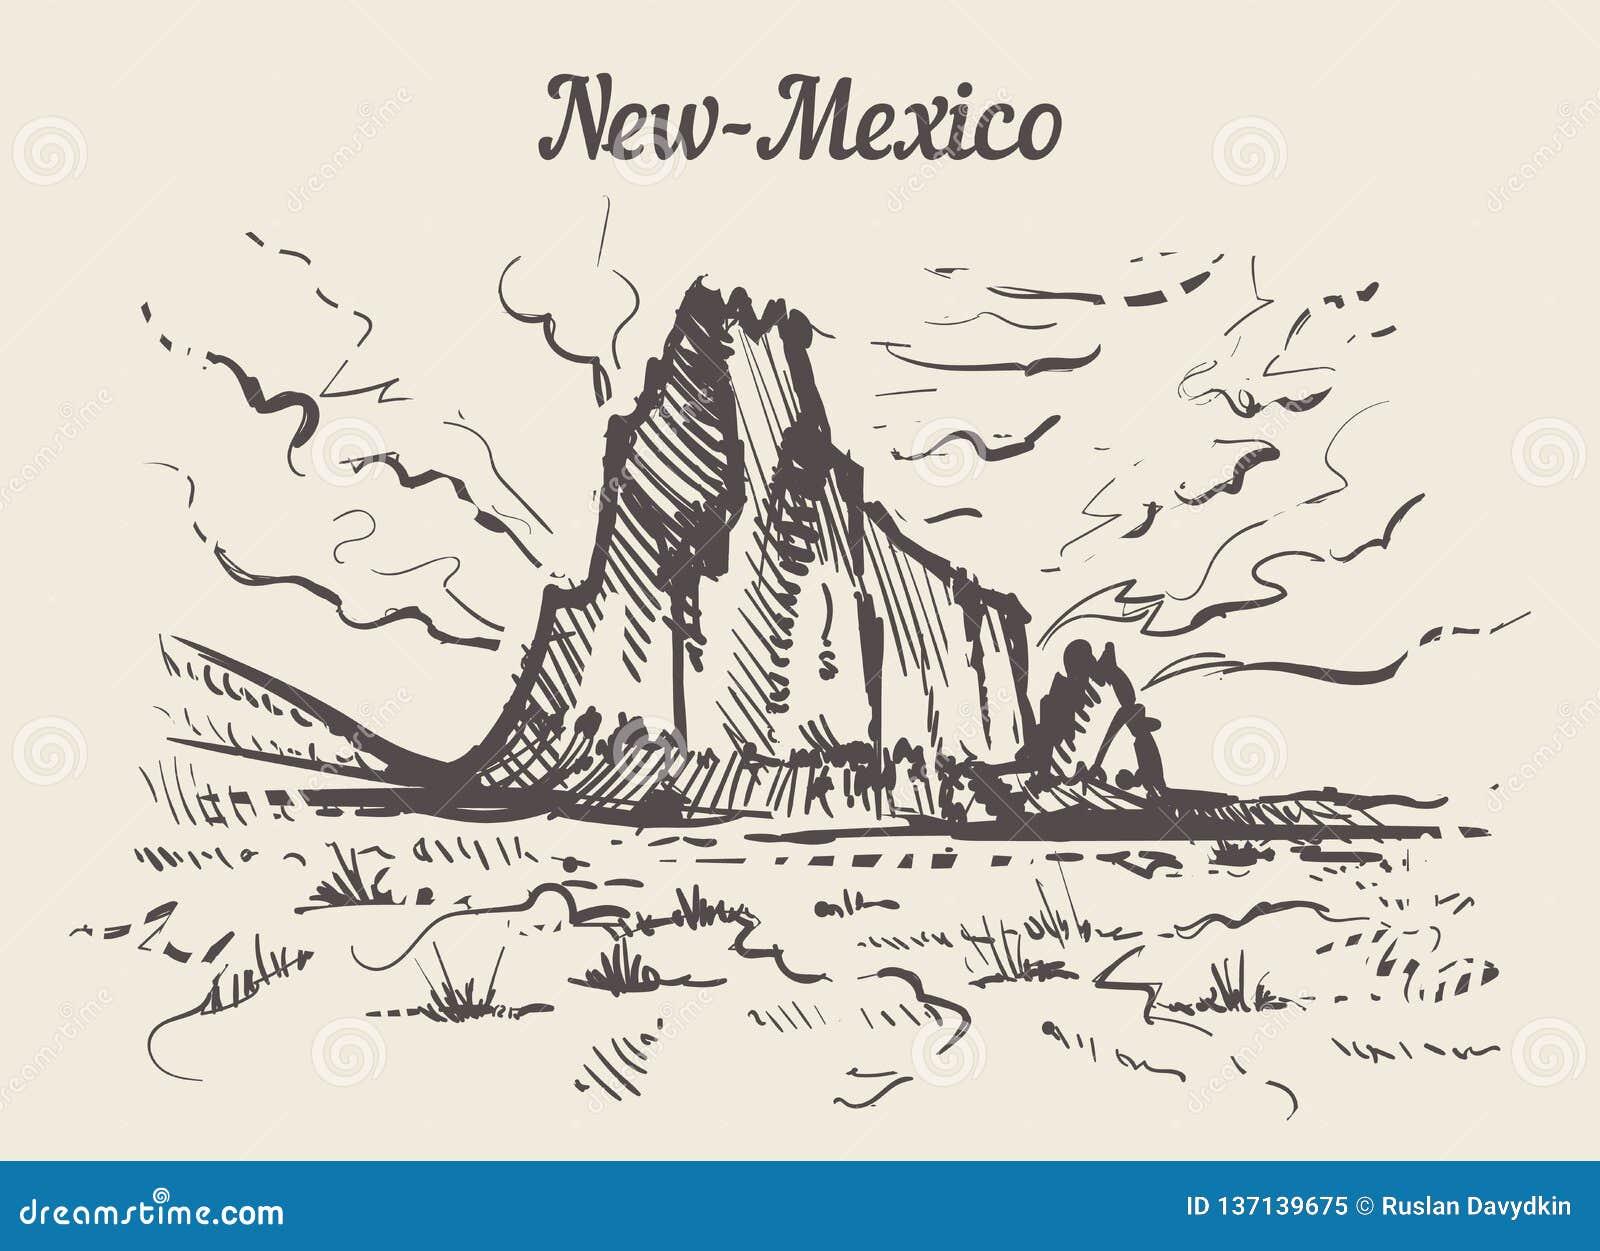 Mano del horizonte de New México dibujada Ejemplo del vector del estilo del bosquejo de New México